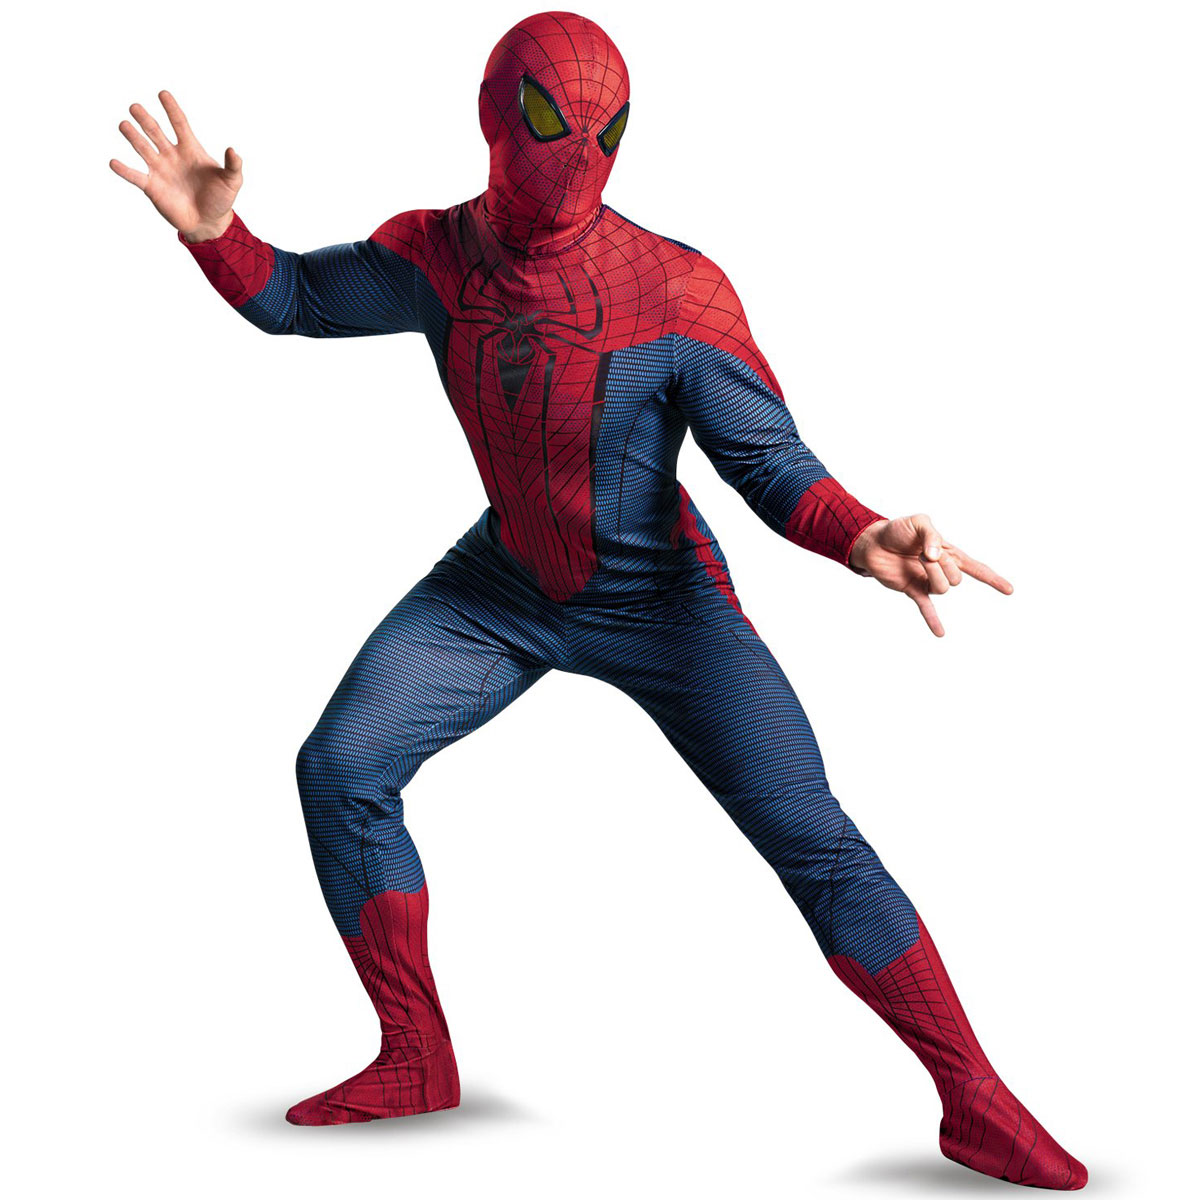 スパイダーマン コスチューム 大人 コスプレ 衣装 スーツ デラックス